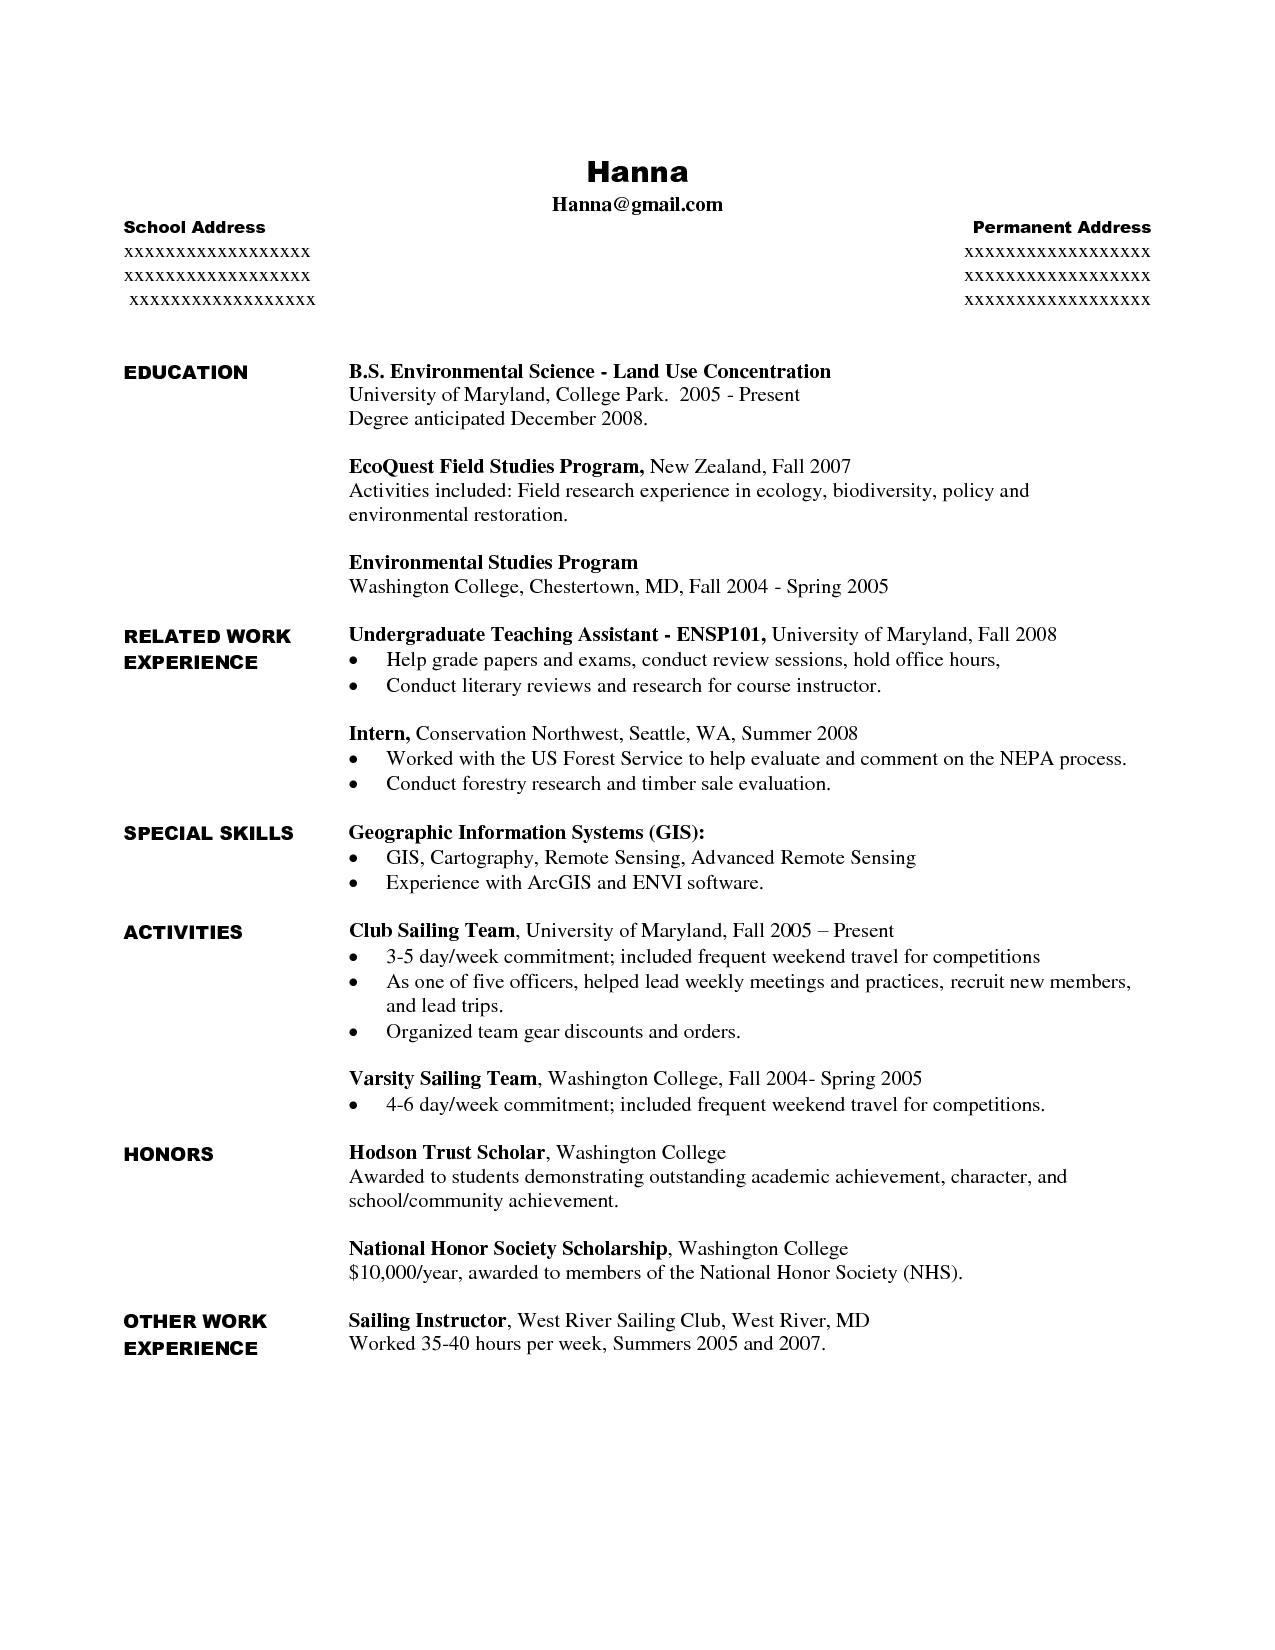 7 Resume Cover Letter